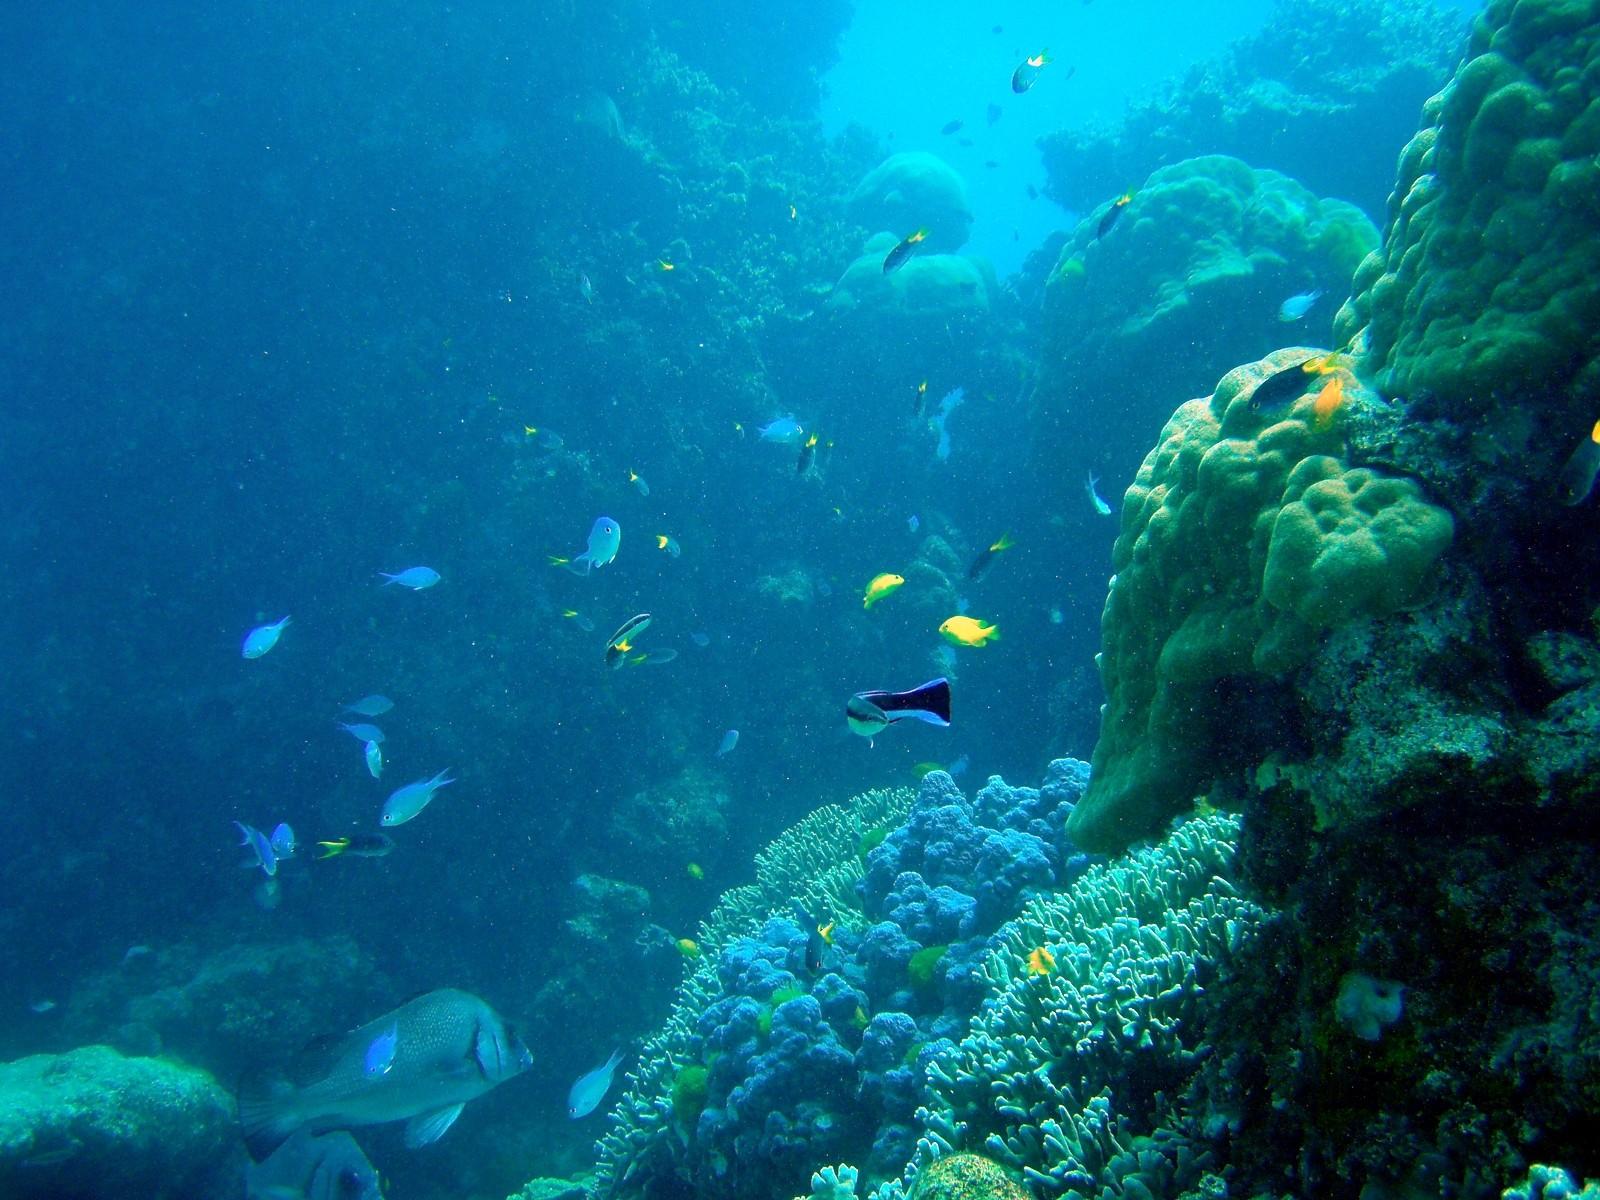 Cool Ocean Fish images